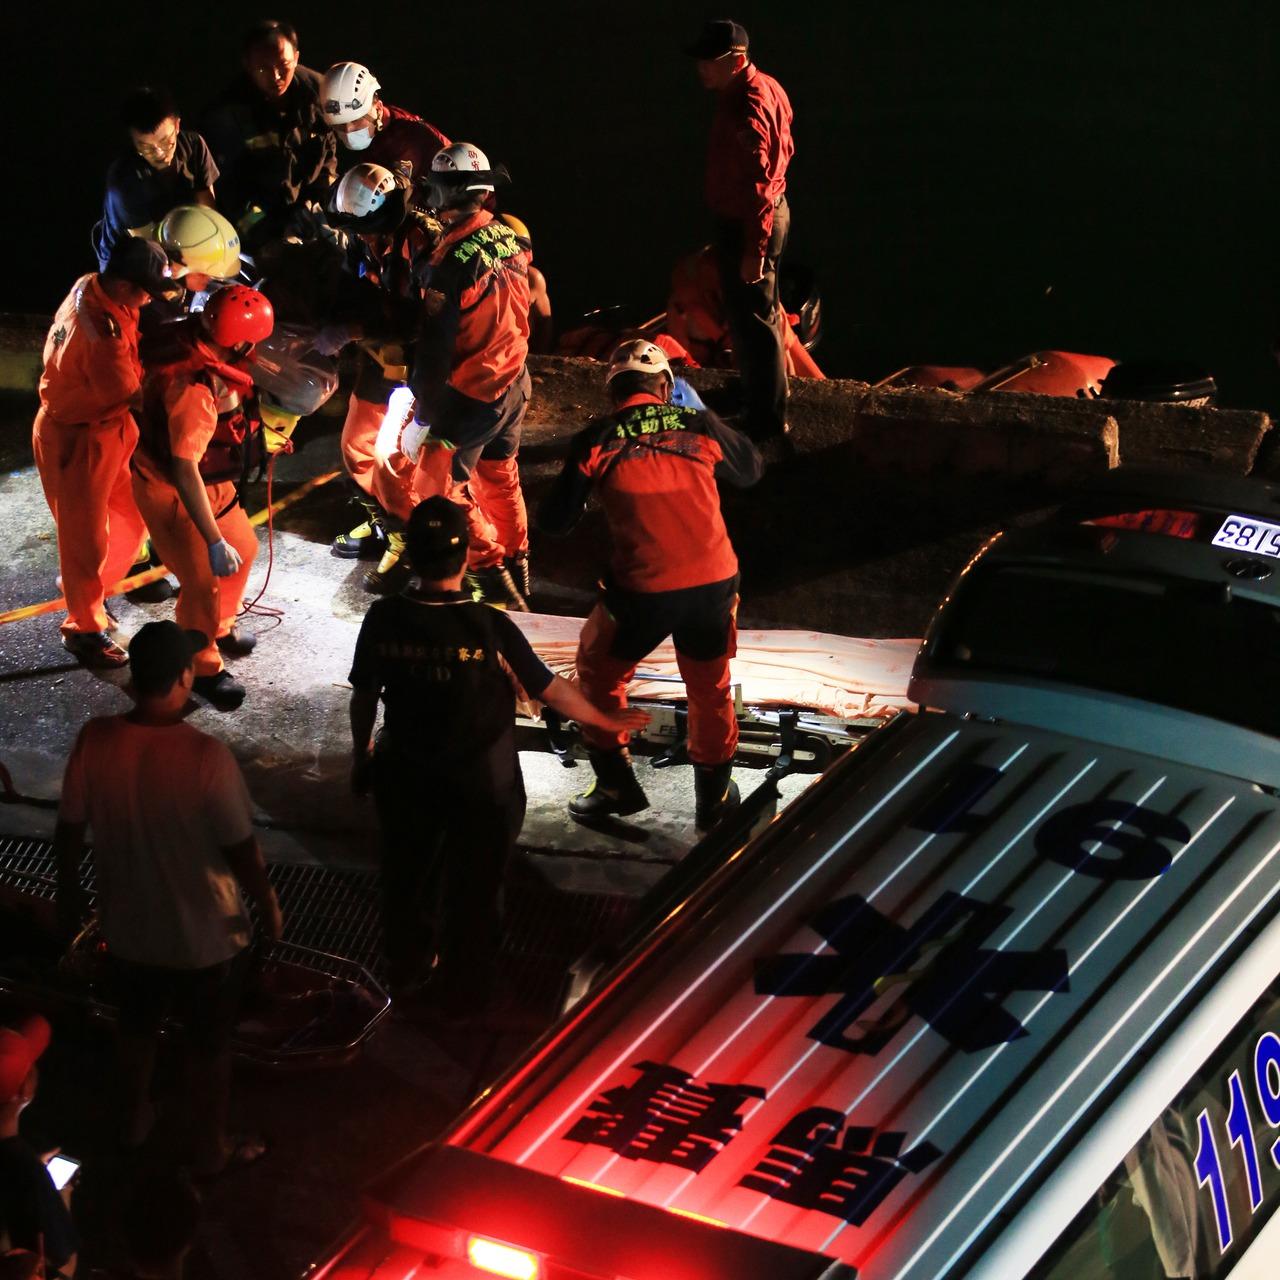 南方澳跨港大橋斷裂,搜救工作持續到凌晨先後發現兩具大體,由救護車送走。記者潘俊宏...